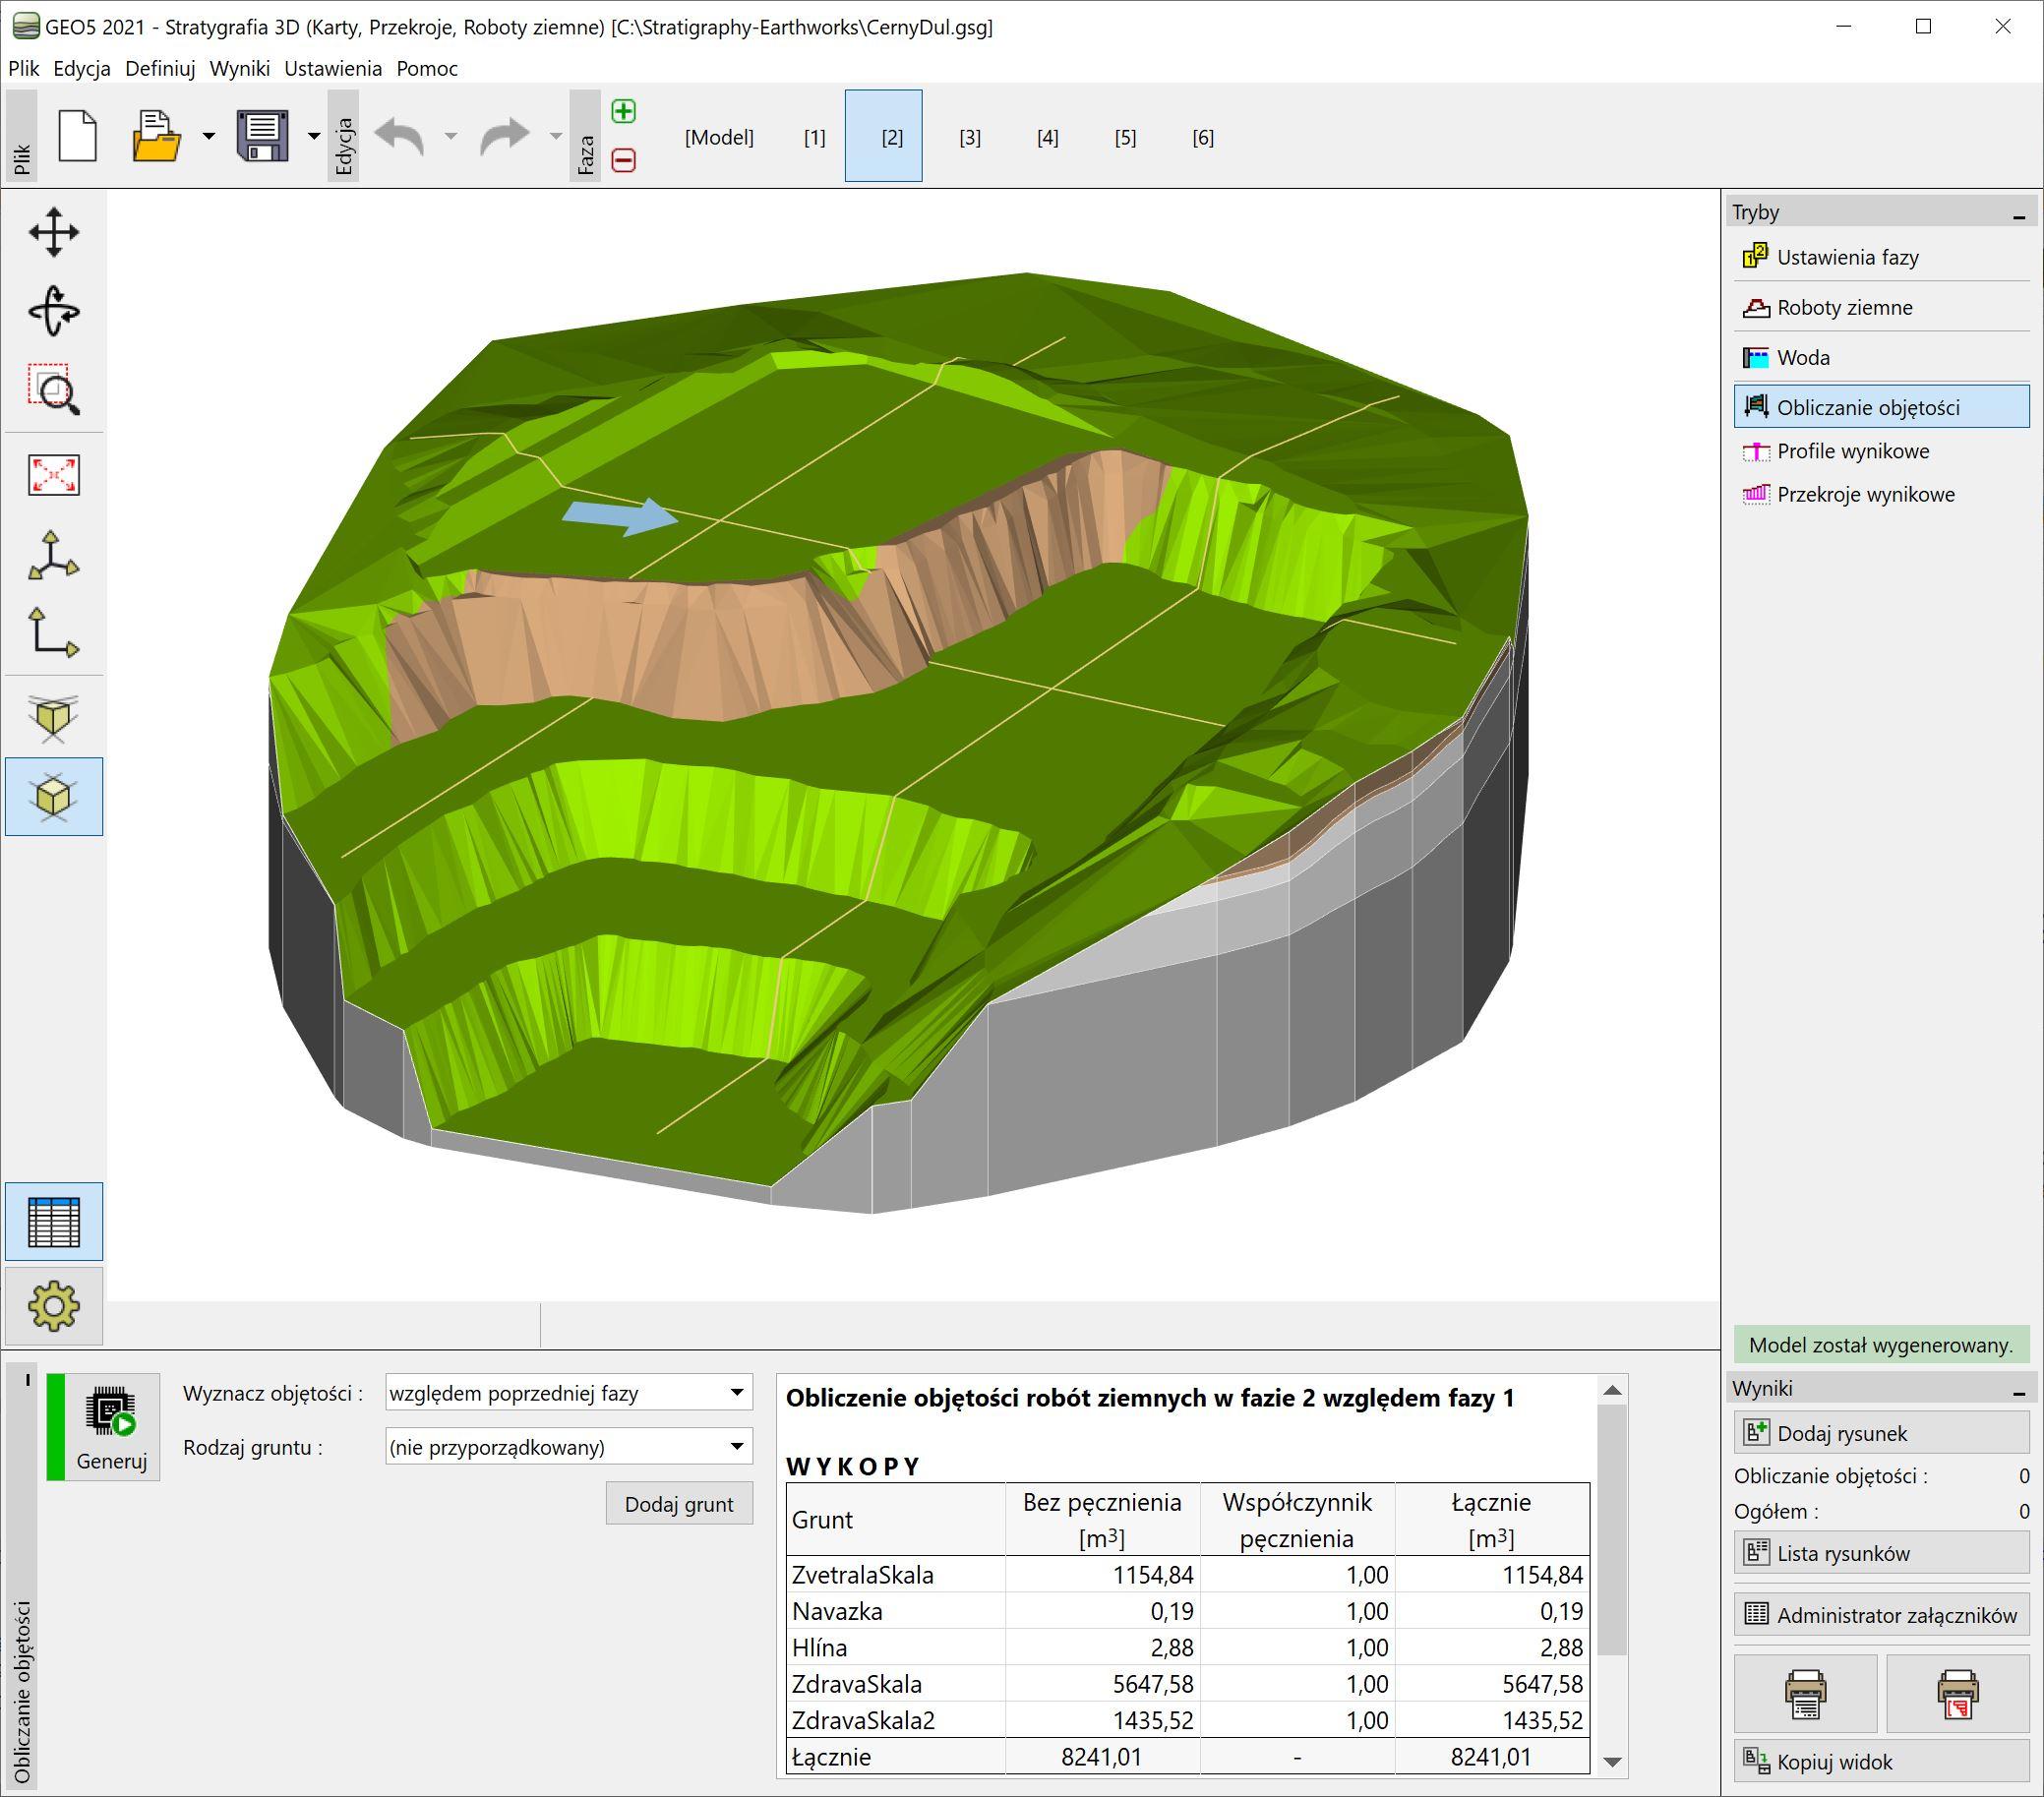 Stratygrafia 3D – Roboty ziemne : Obliczanie objętości